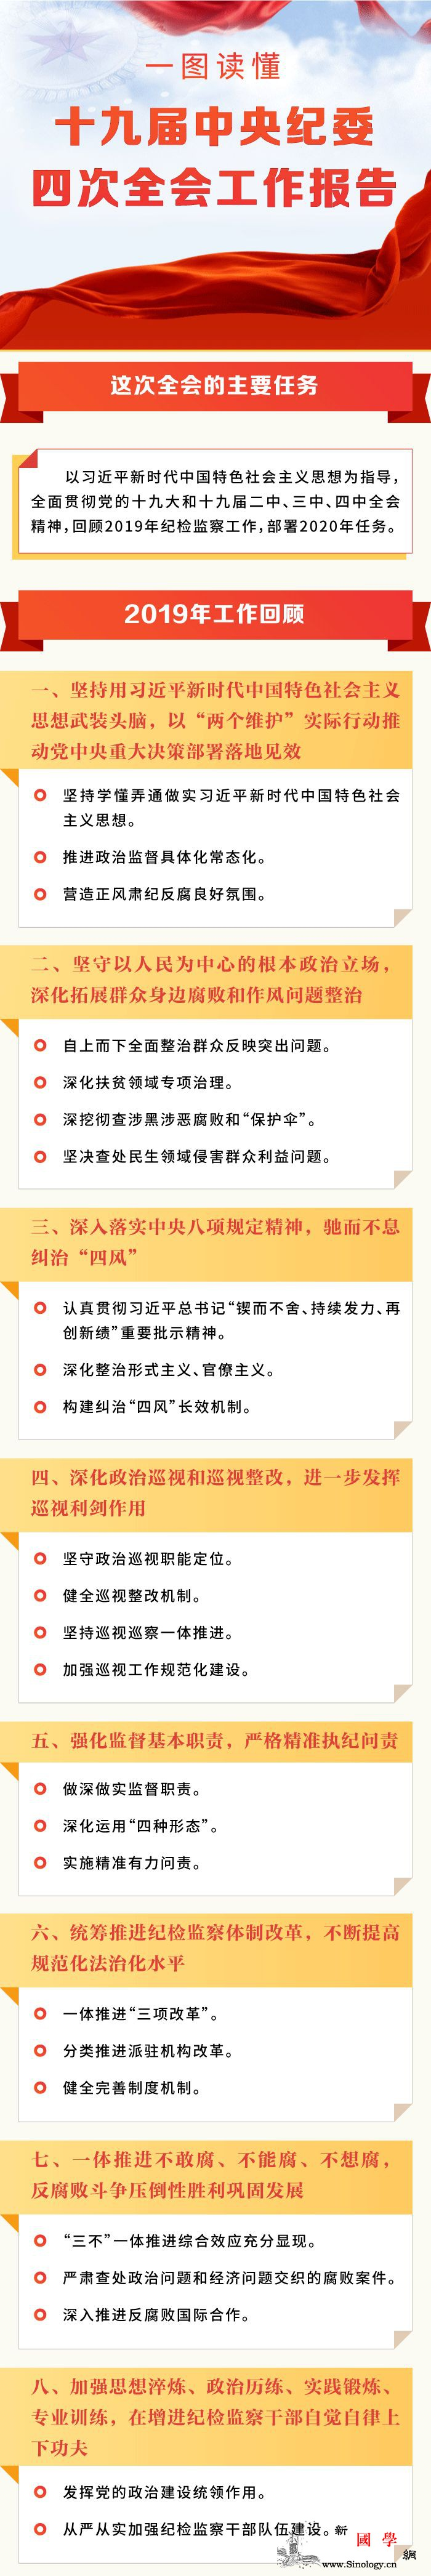 一图读懂十九届中央纪委四次全会工作报_画中画-四次-工作报告-